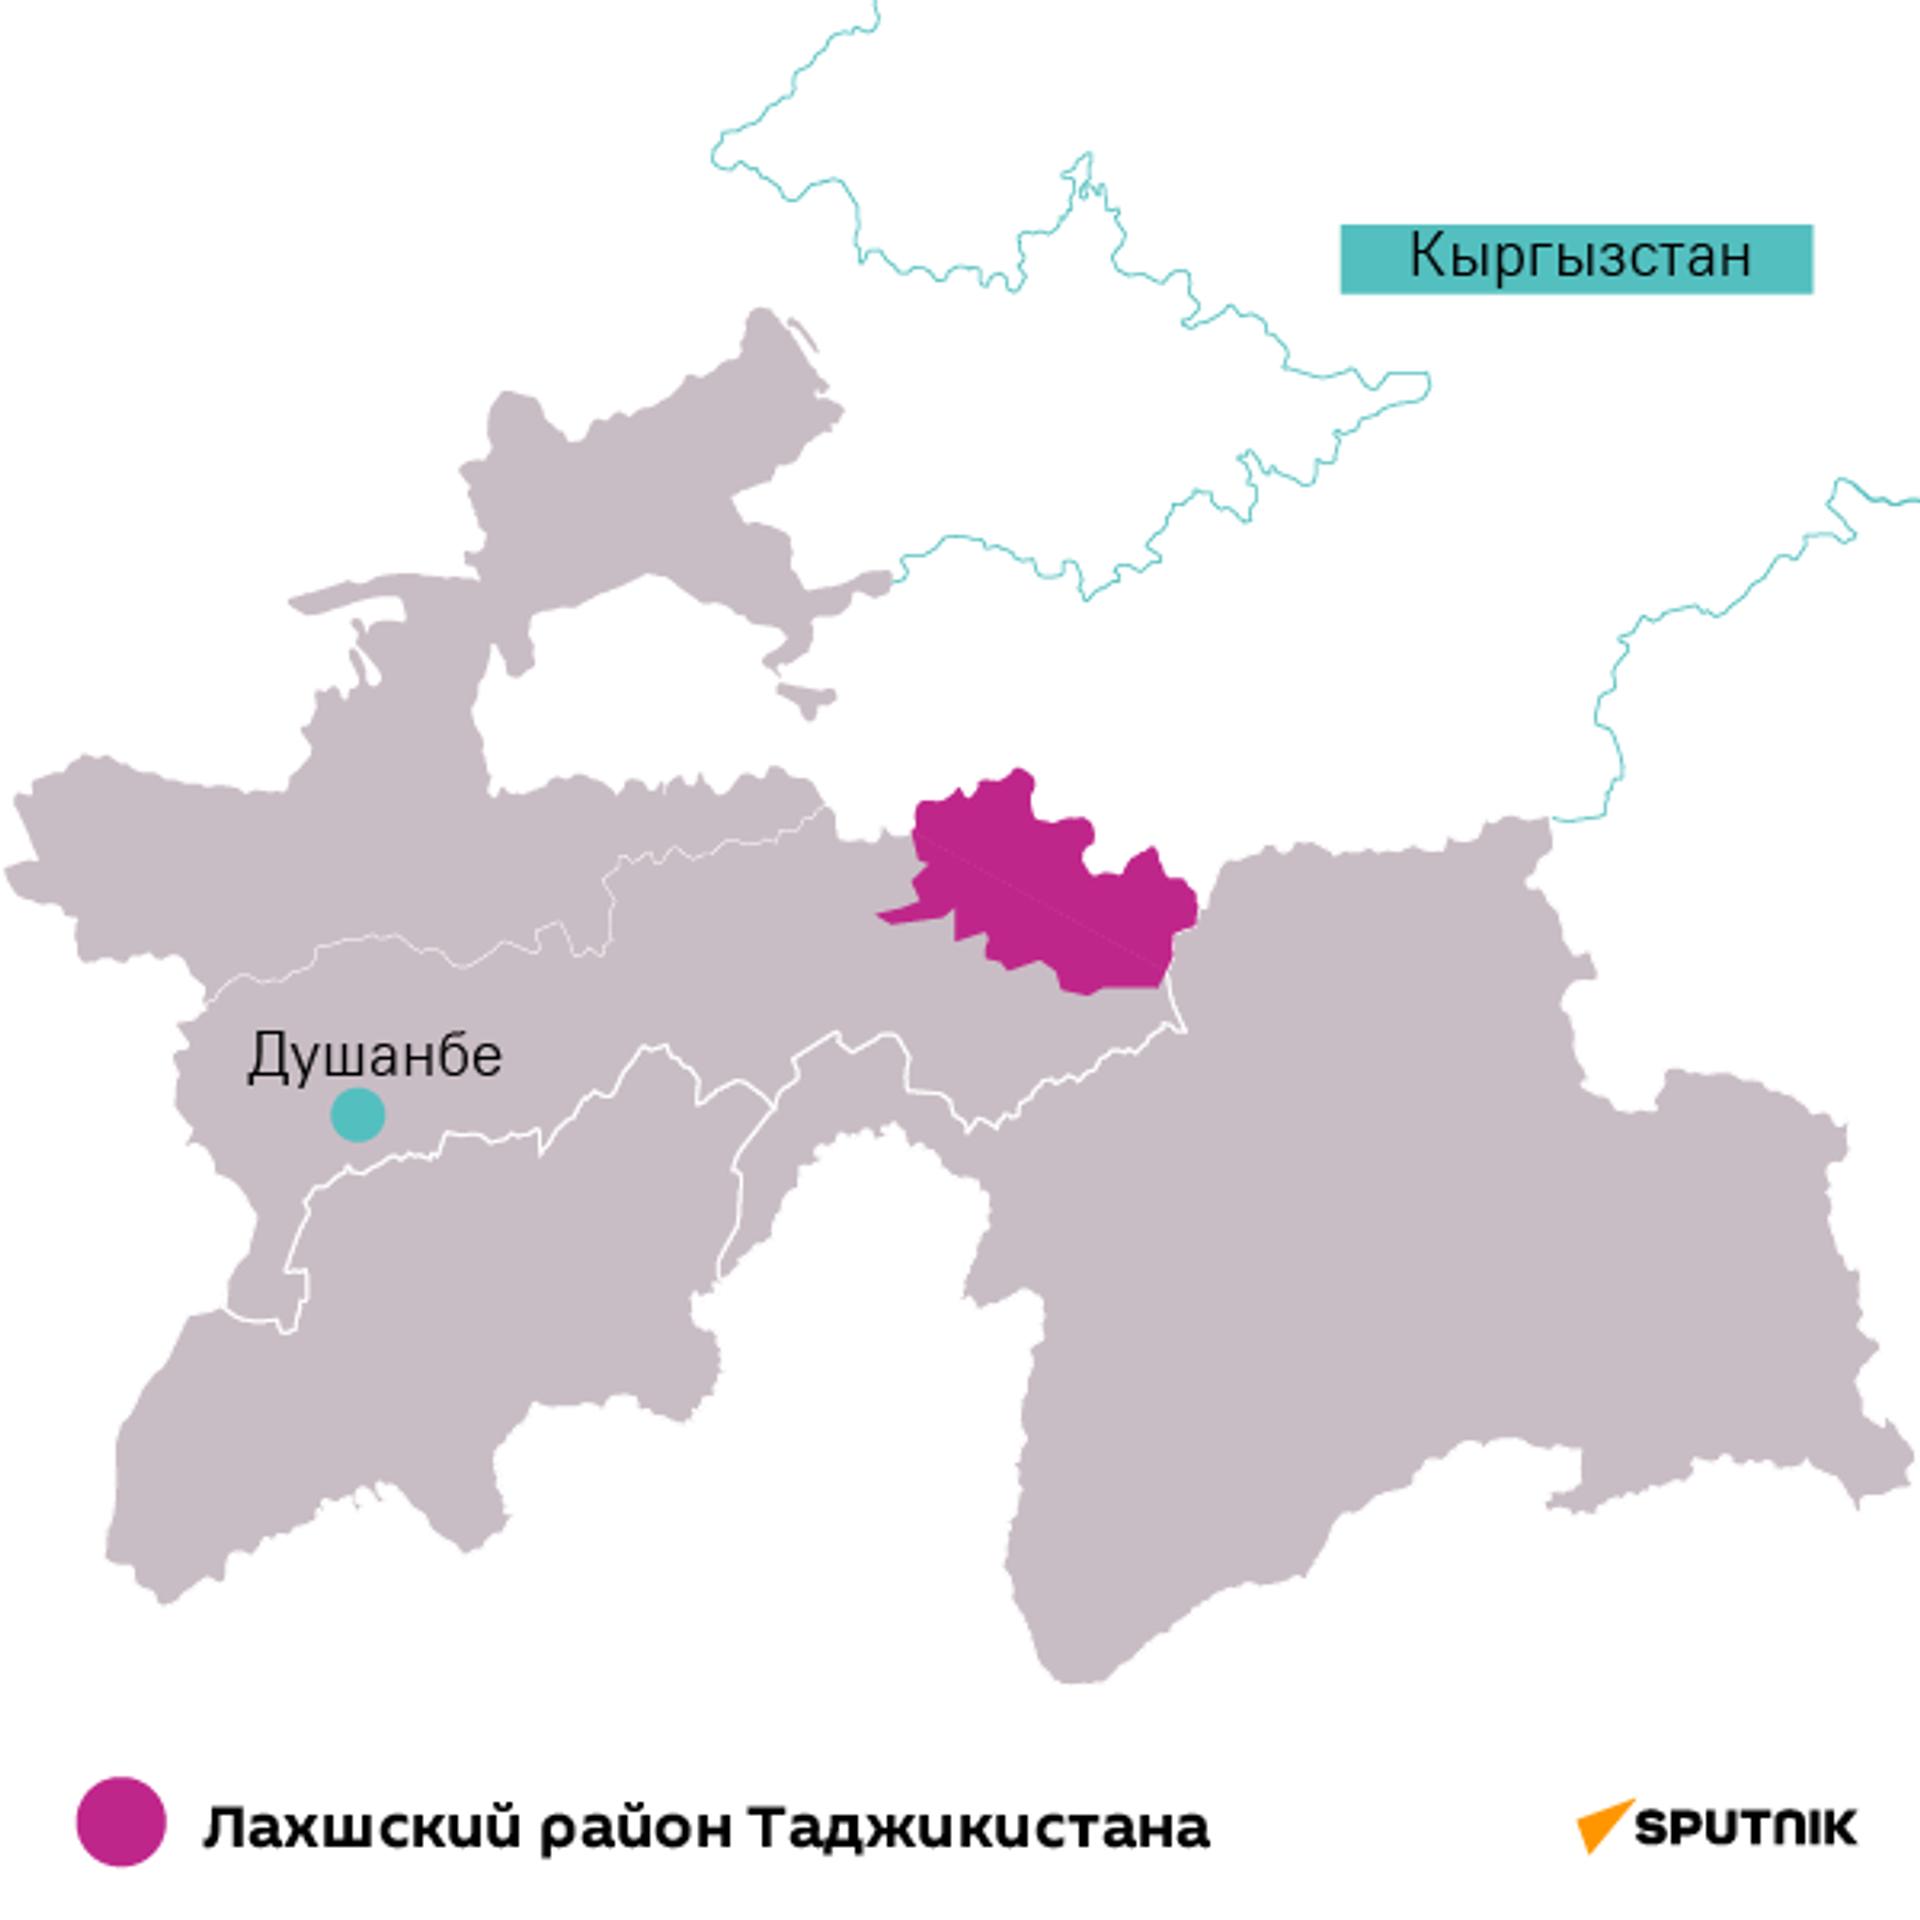 Лахшский район Таджикистана - Sputnik Таджикистан, 1920, 04.06.2021